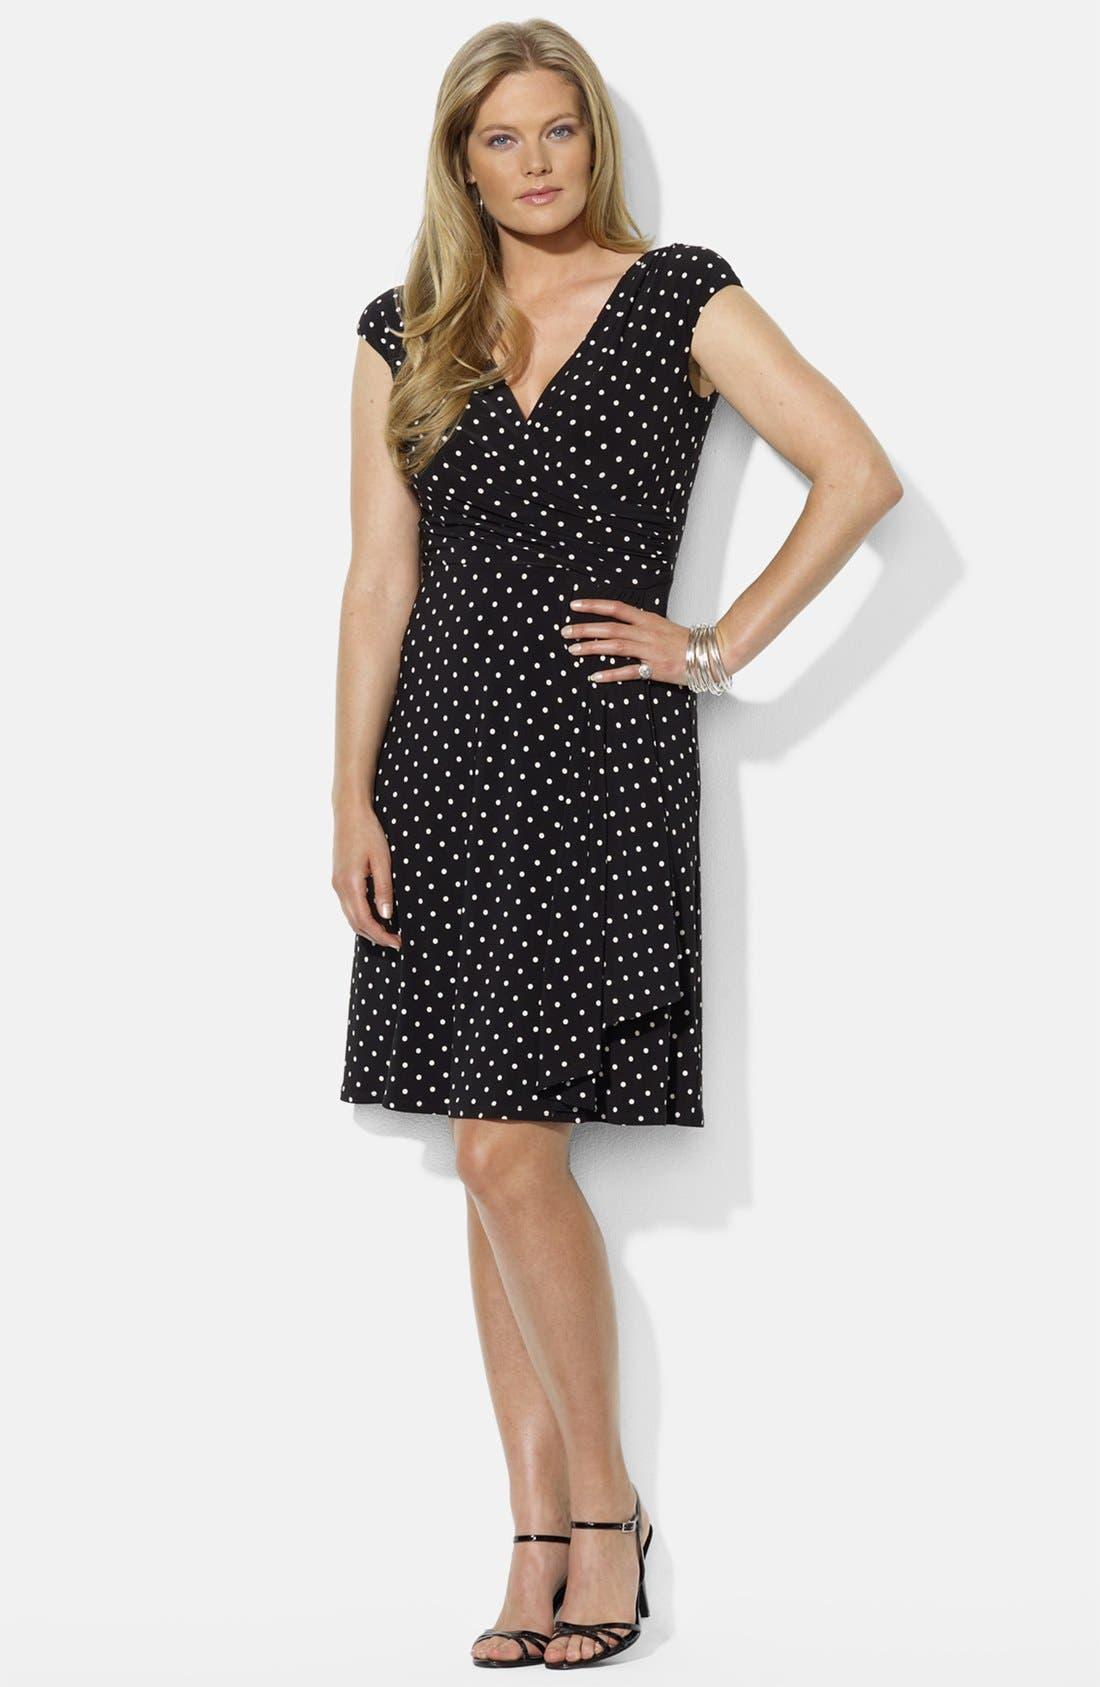 Alternate Image 1 Selected - Lauren Ralph Lauren Cap Sleeve Faux Wrap Dress (Plus Size)